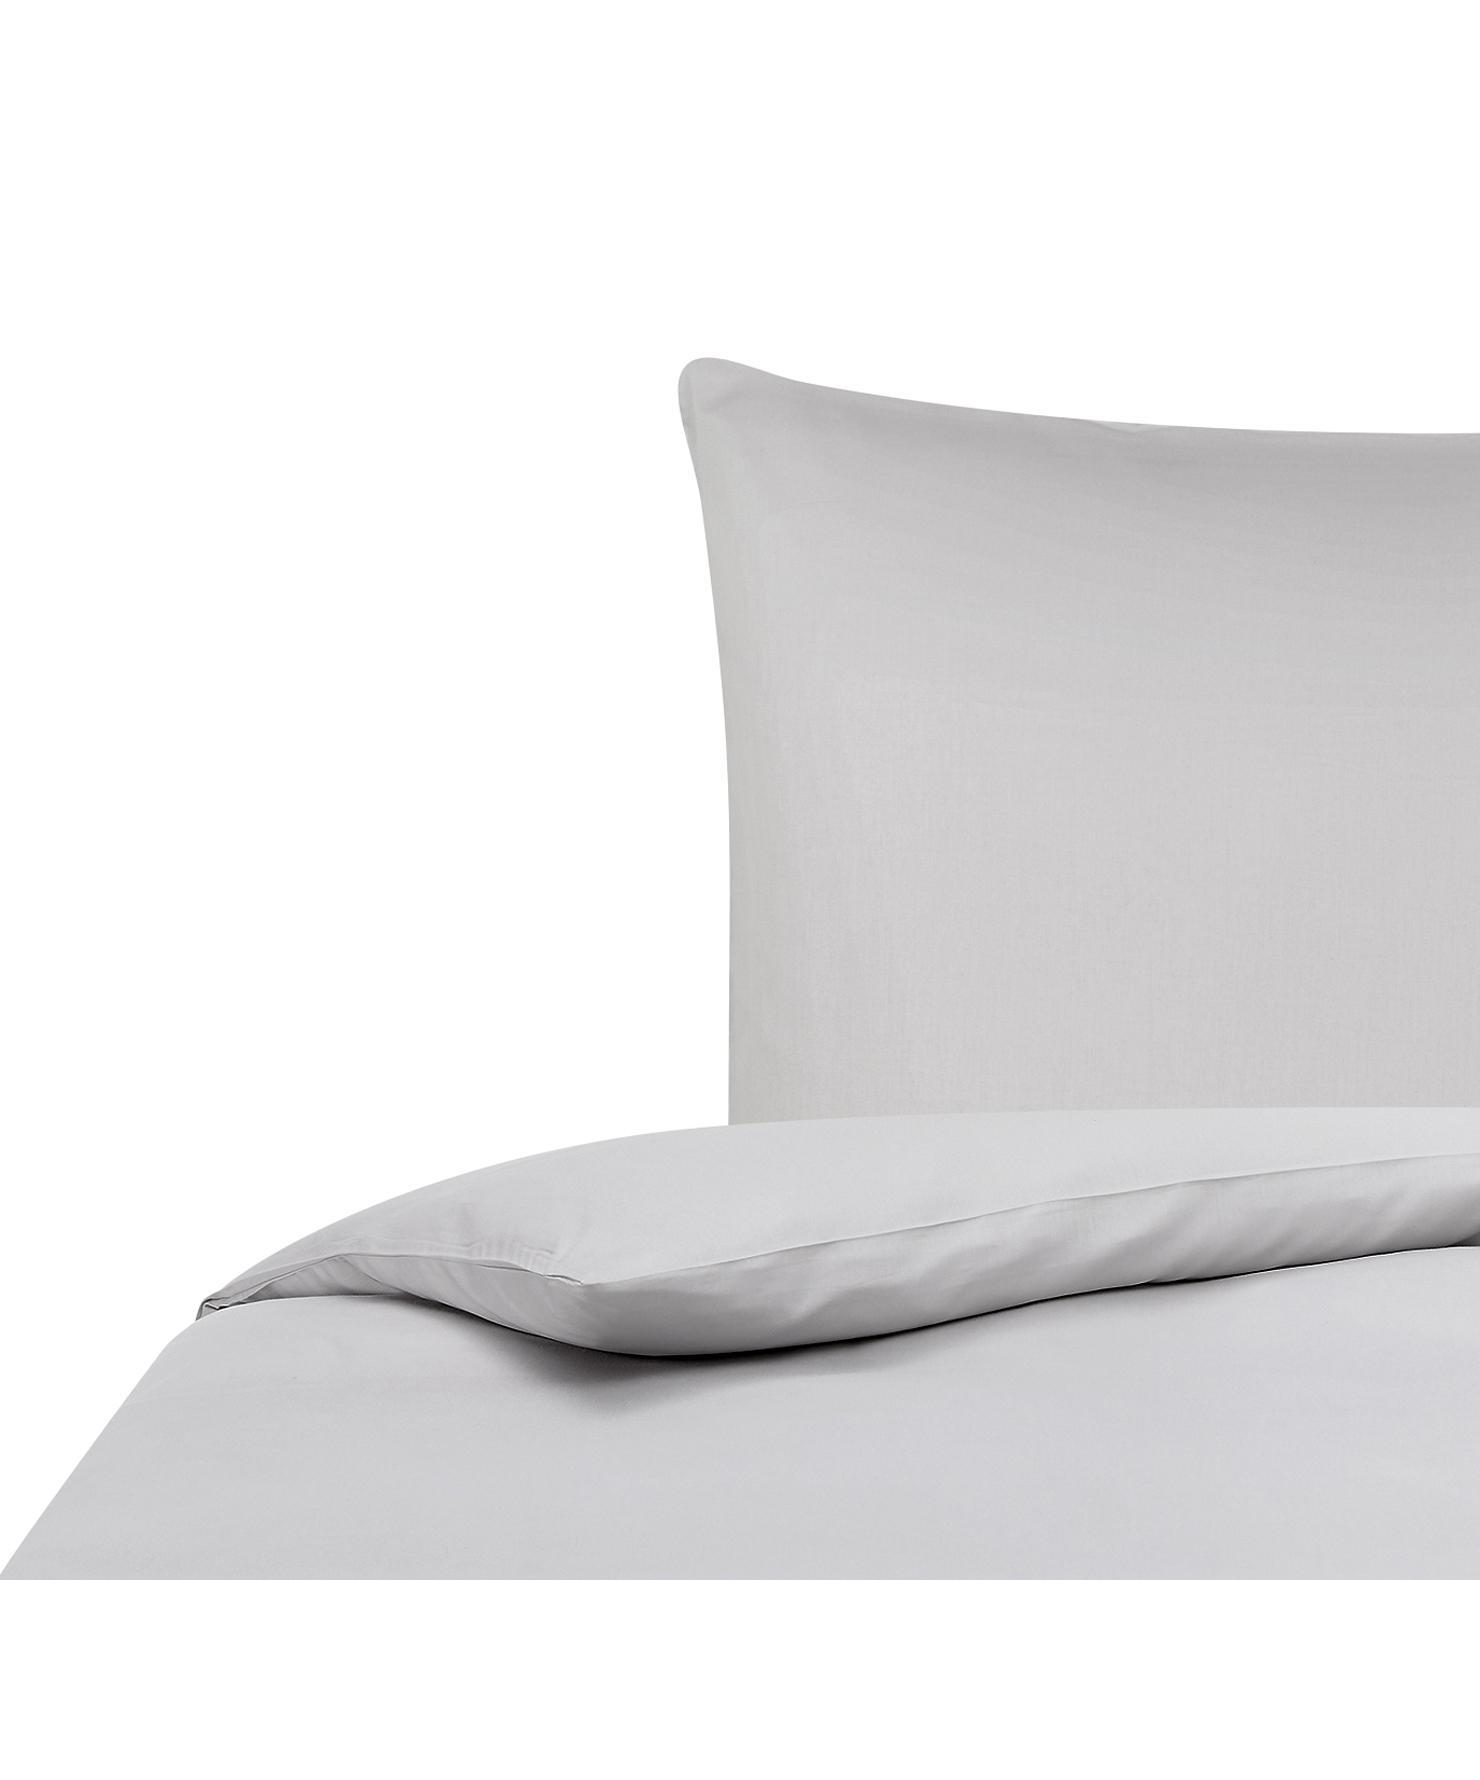 Bambus-Bettwäsche Skye in Grau, 55% Bambus, 45% Baumwolle  Fadendichte 400 TC, Premium Qualität  Bambus ist hypoallergen und antibakteriell. Daher eignet das Material sich hervorragend für empfindliche Haut. Es ist amungsaktiv und absorbiert Feuchtigkeit, um so die Körpertemperatur im Schlaf zu regulieren., Grau, 155 x 220 cm + 1 Kissen 80 x 80 cm